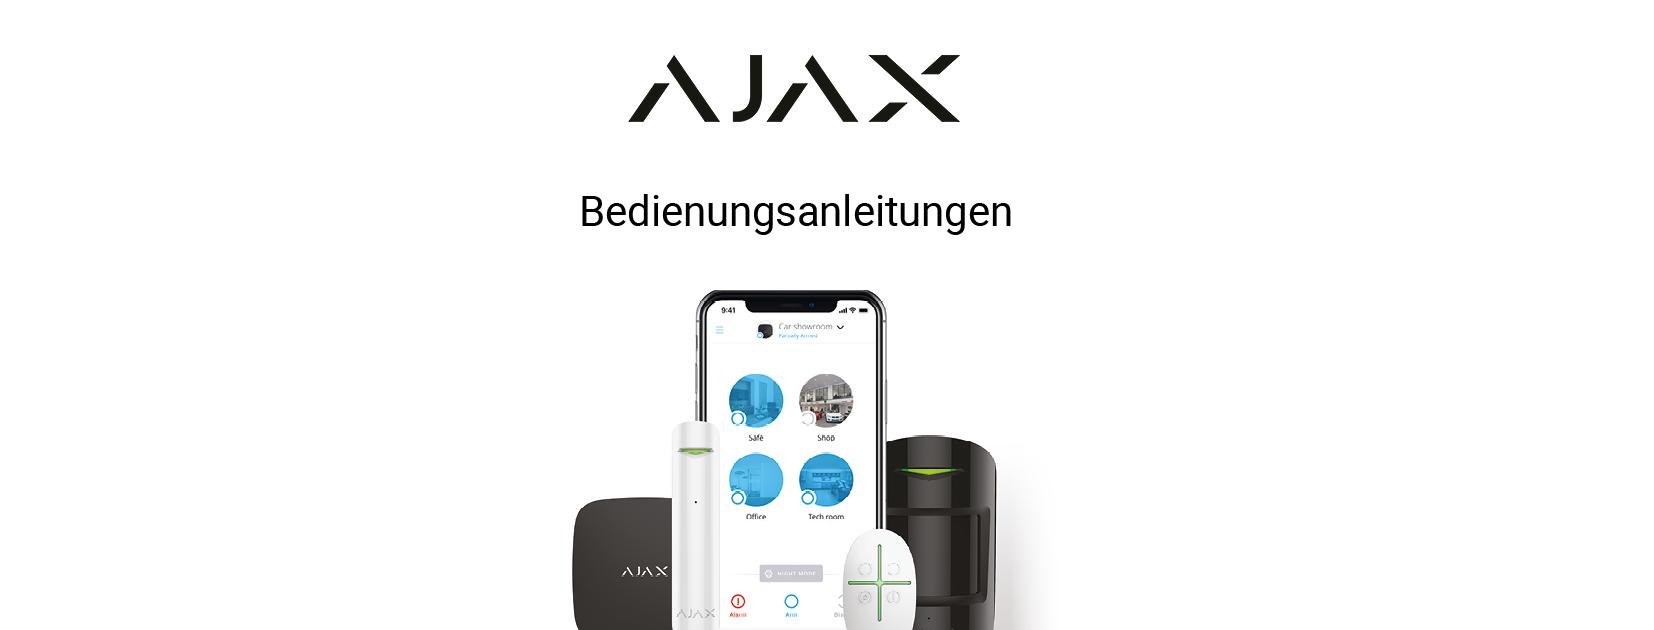 Ajax_alarmanlage-bedienungsanleitung